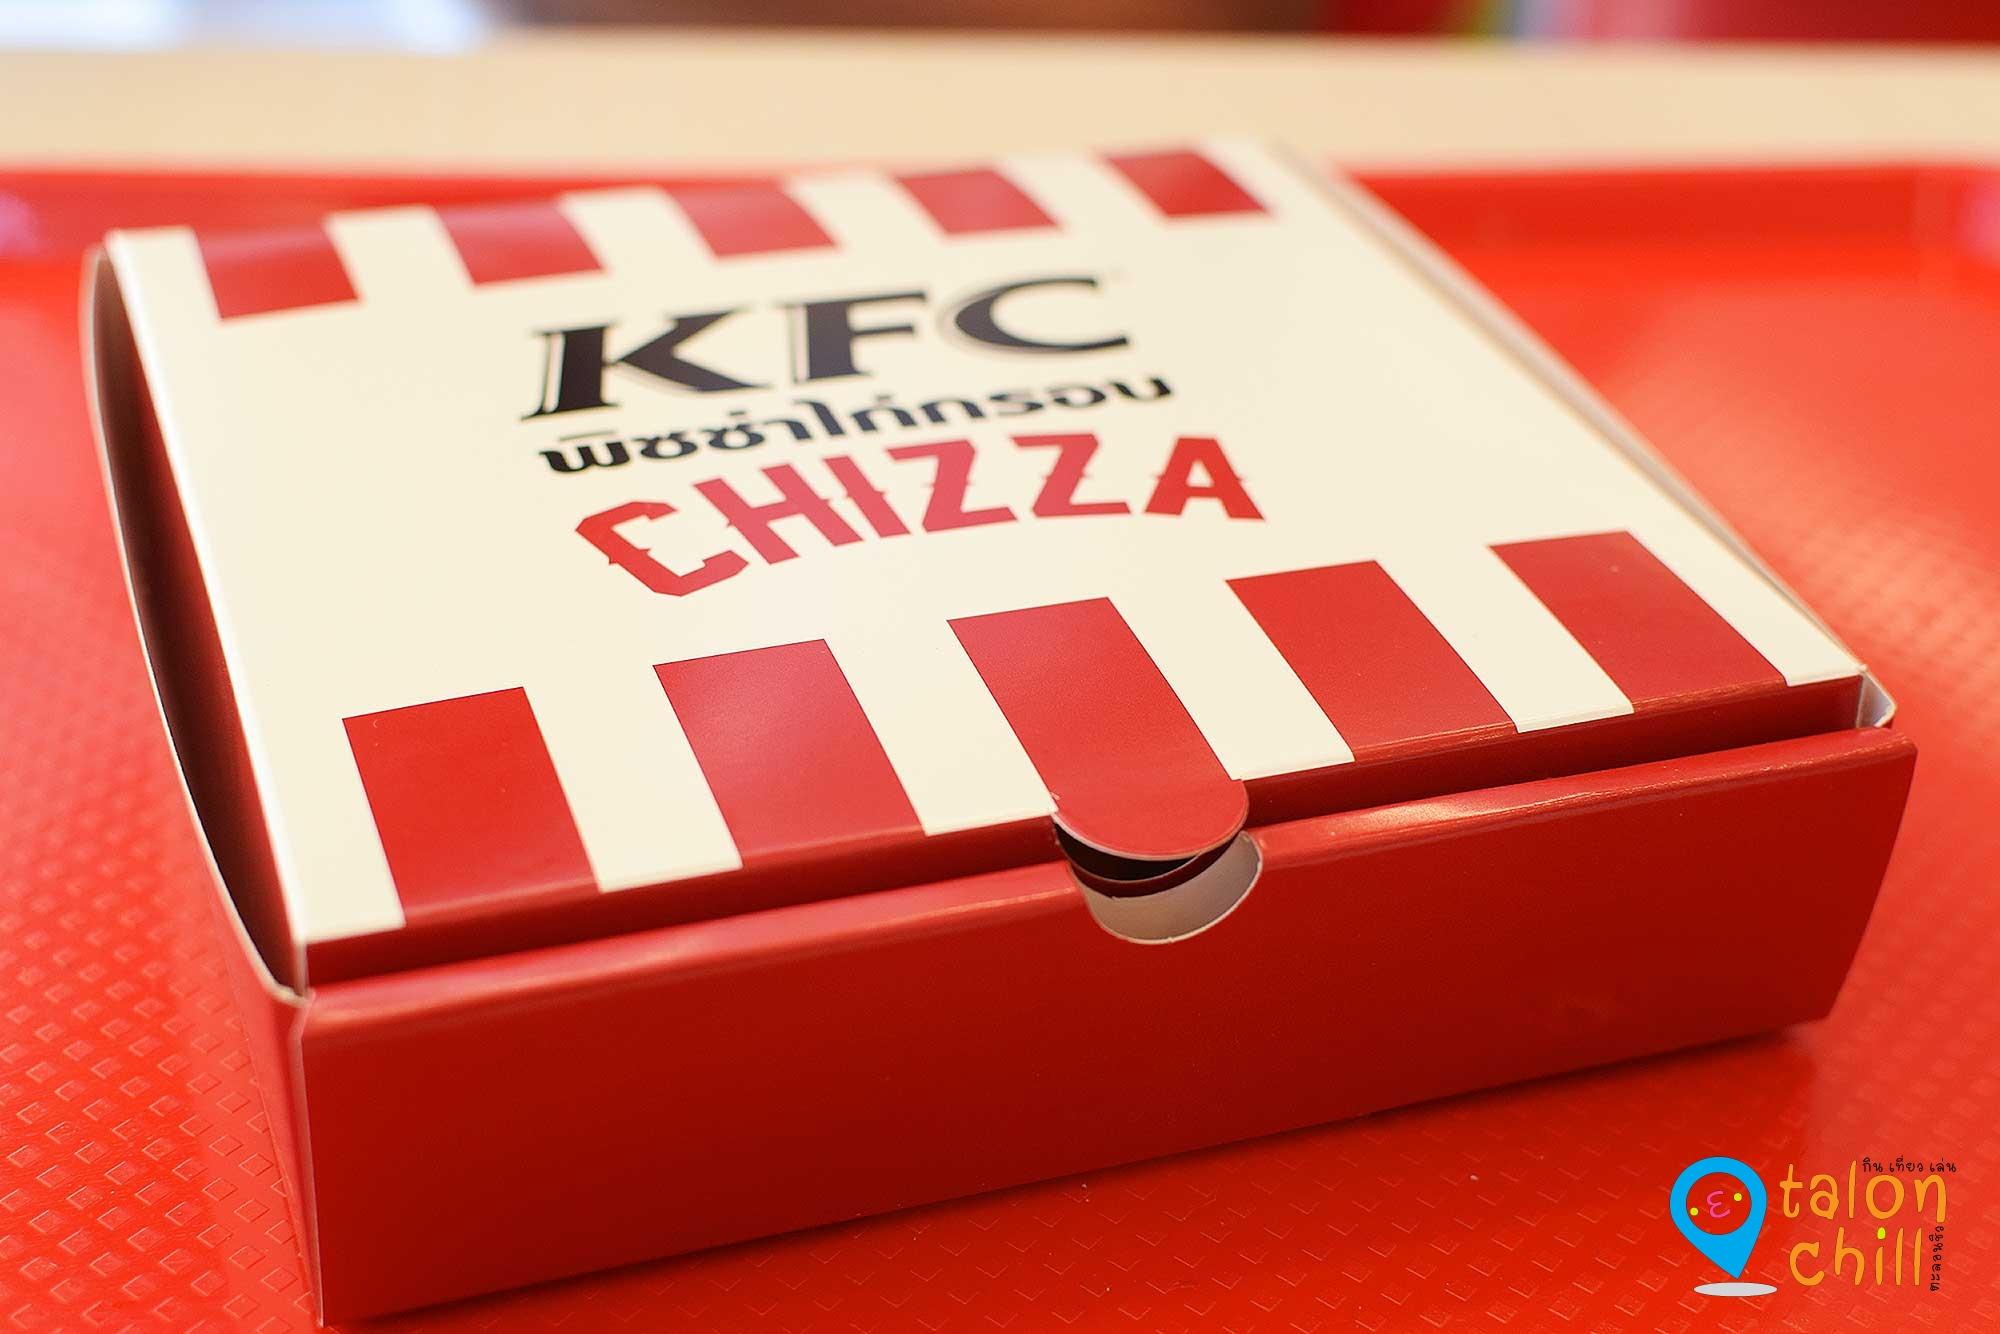 [Review] KFC Chizza พิซซ่าไก่กรอบ Chizza Box 4 ชิ้น เพียง 139 บาท